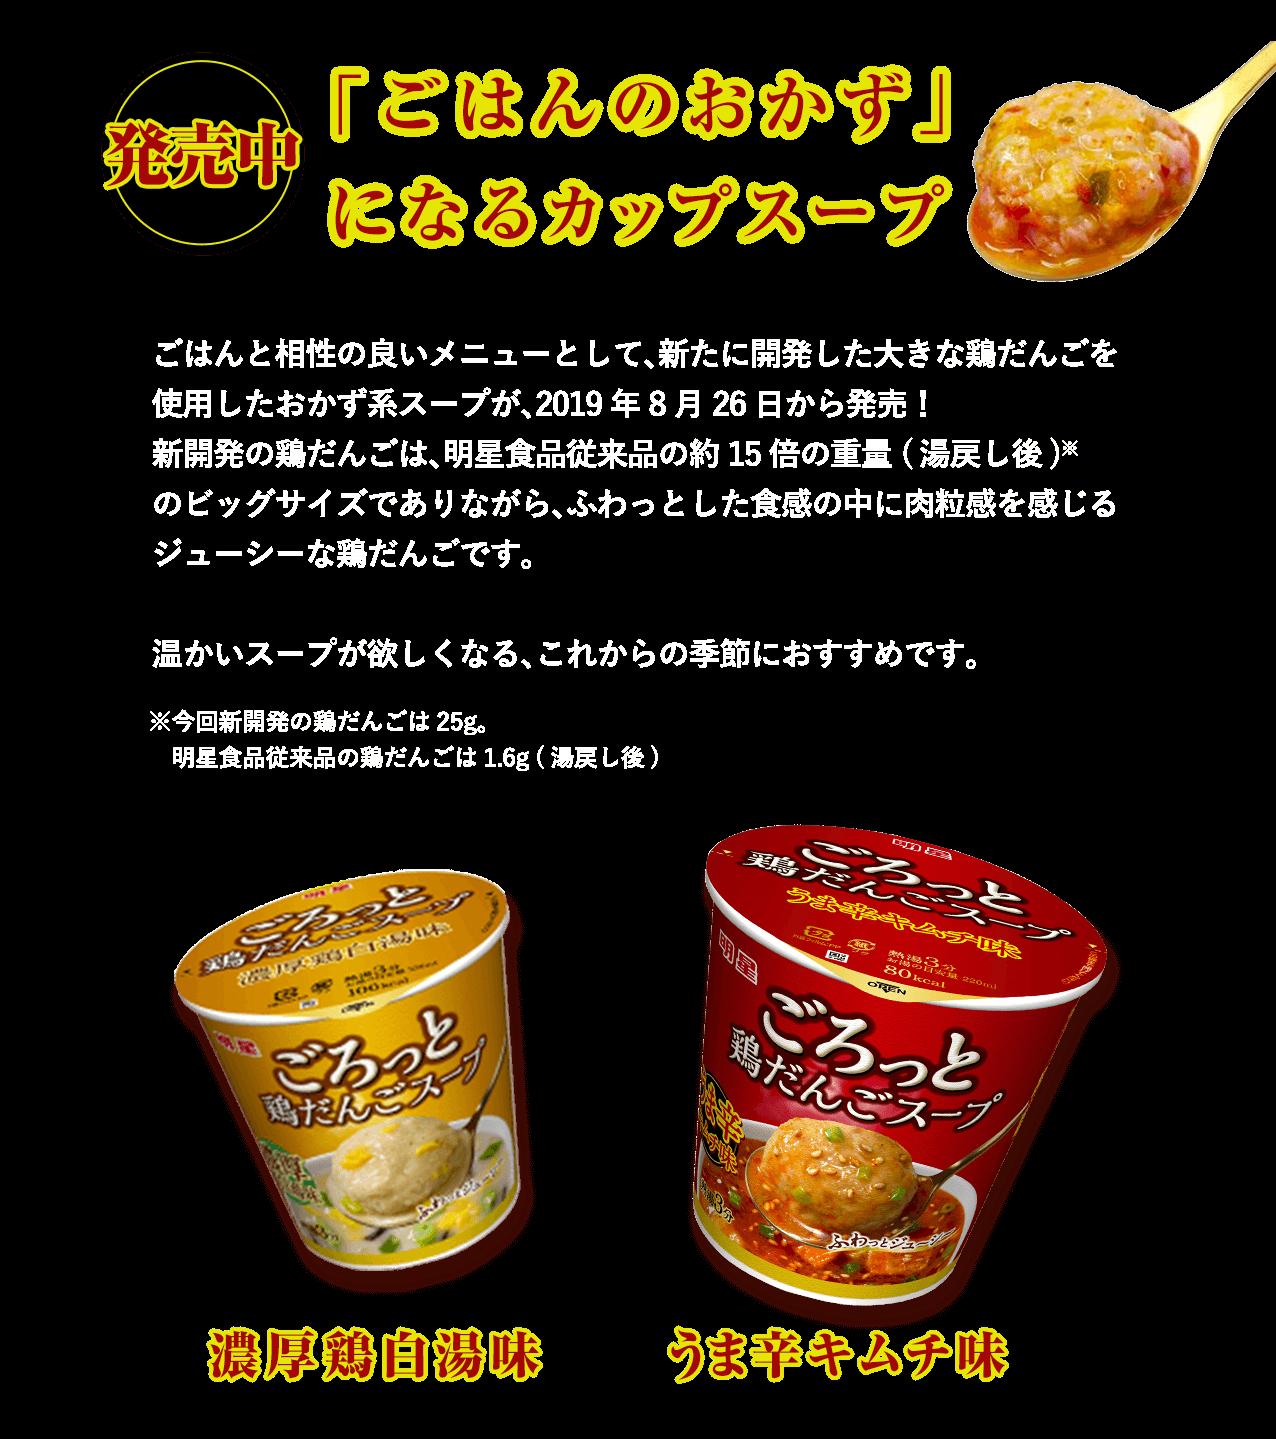 新発売「ごはんのおかず」になるスープごはんと相性の良いメニューとして、新たに開発した大きな鶏だんごを使用したおかず系スープが、         2019年8月26日から発売!         新開発の鶏だんごは、明星食品従来品の約15倍の重量 (湯戻し後)※のビッグサイズでありながら、ふわっとした食感の中に肉粒感を感じるジューシーな鶏だんごです。         温かいスープが欲しくなる、これからの季節におすすめです。         ※今回新開発の鶏だんごは25g。          明星食品従来品の鶏だんごは1.6g (湯戻し後)